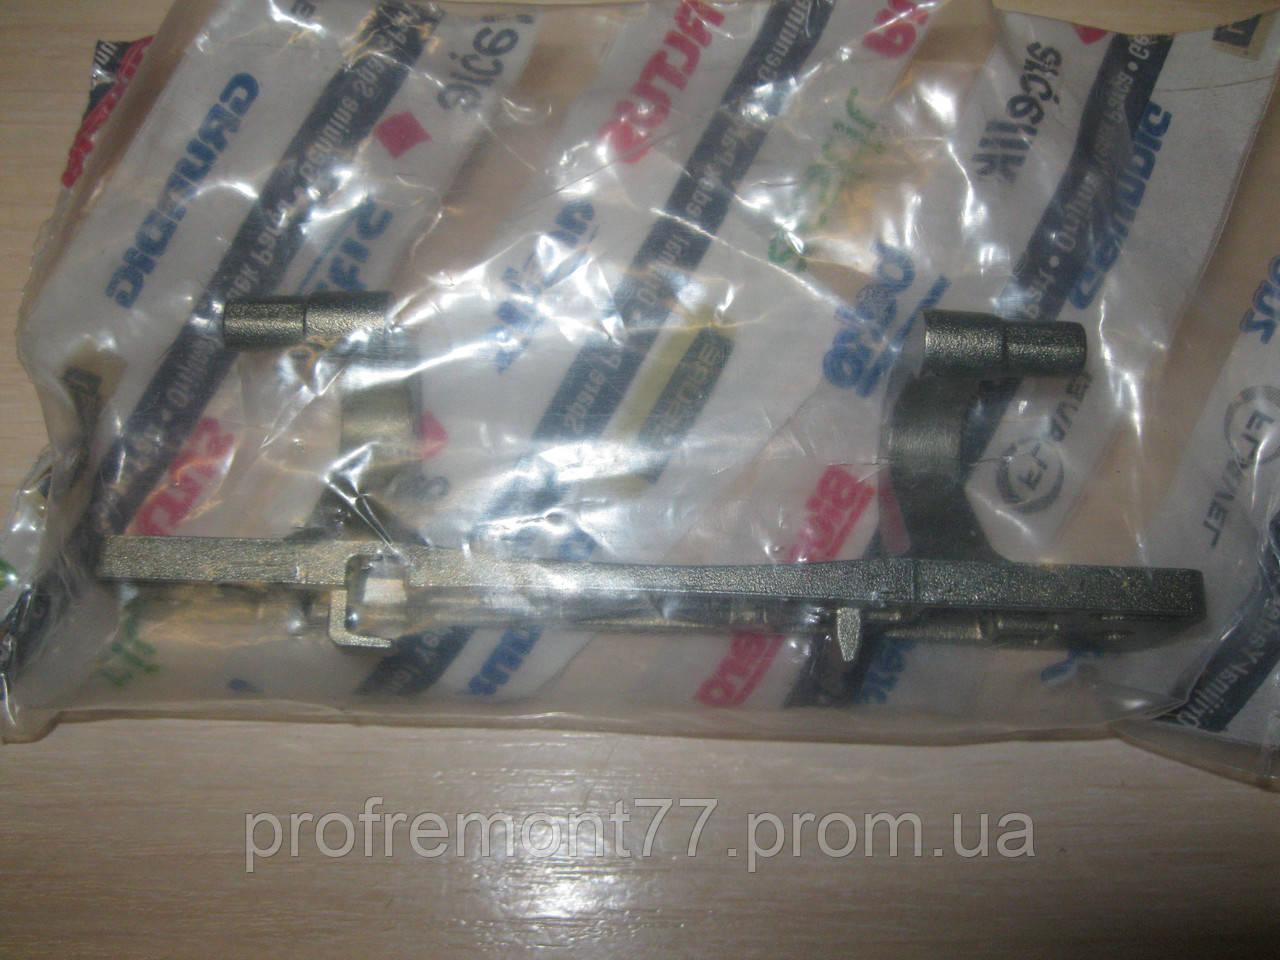 Завес (петля) Beko 2905730100 orig. для стиральной машины